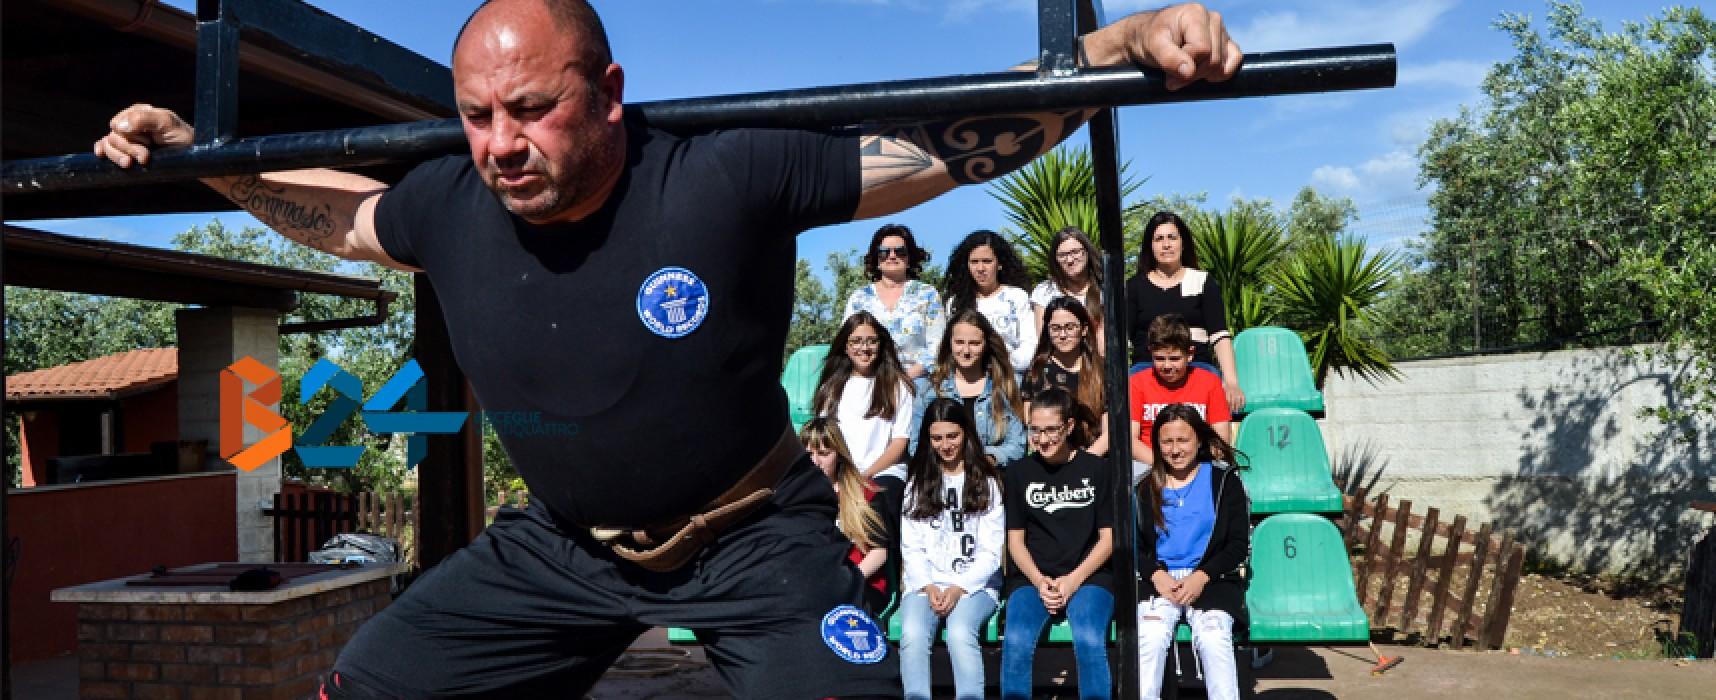 Dieci squat sollevando 12 ragazze: la sfida di Cosimo Ferrucci al Westing World Record